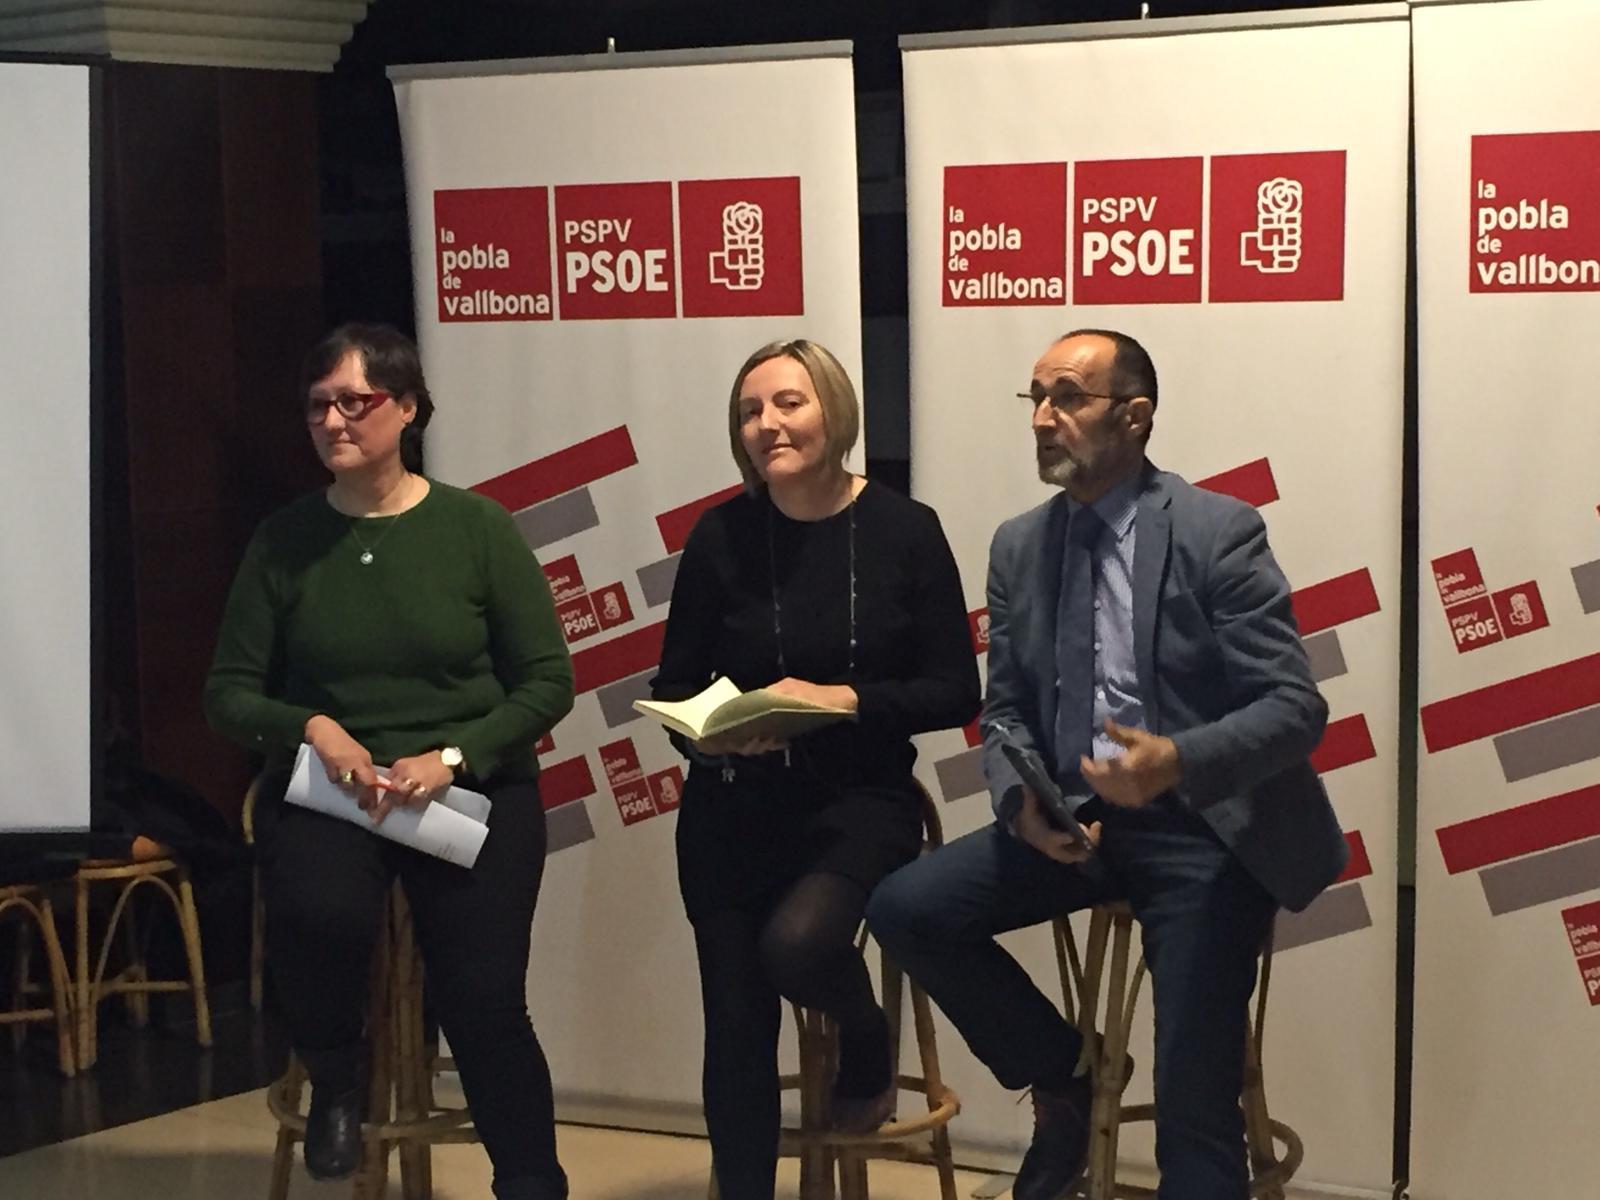 """La consellera de Vivienda señala que """"la reducción del paro en La Pobla de Vallbona confirma que la estabilidad y la confianza generada por el Consell de Ximo Puig trae buenos resultados en la Comunitat""""."""